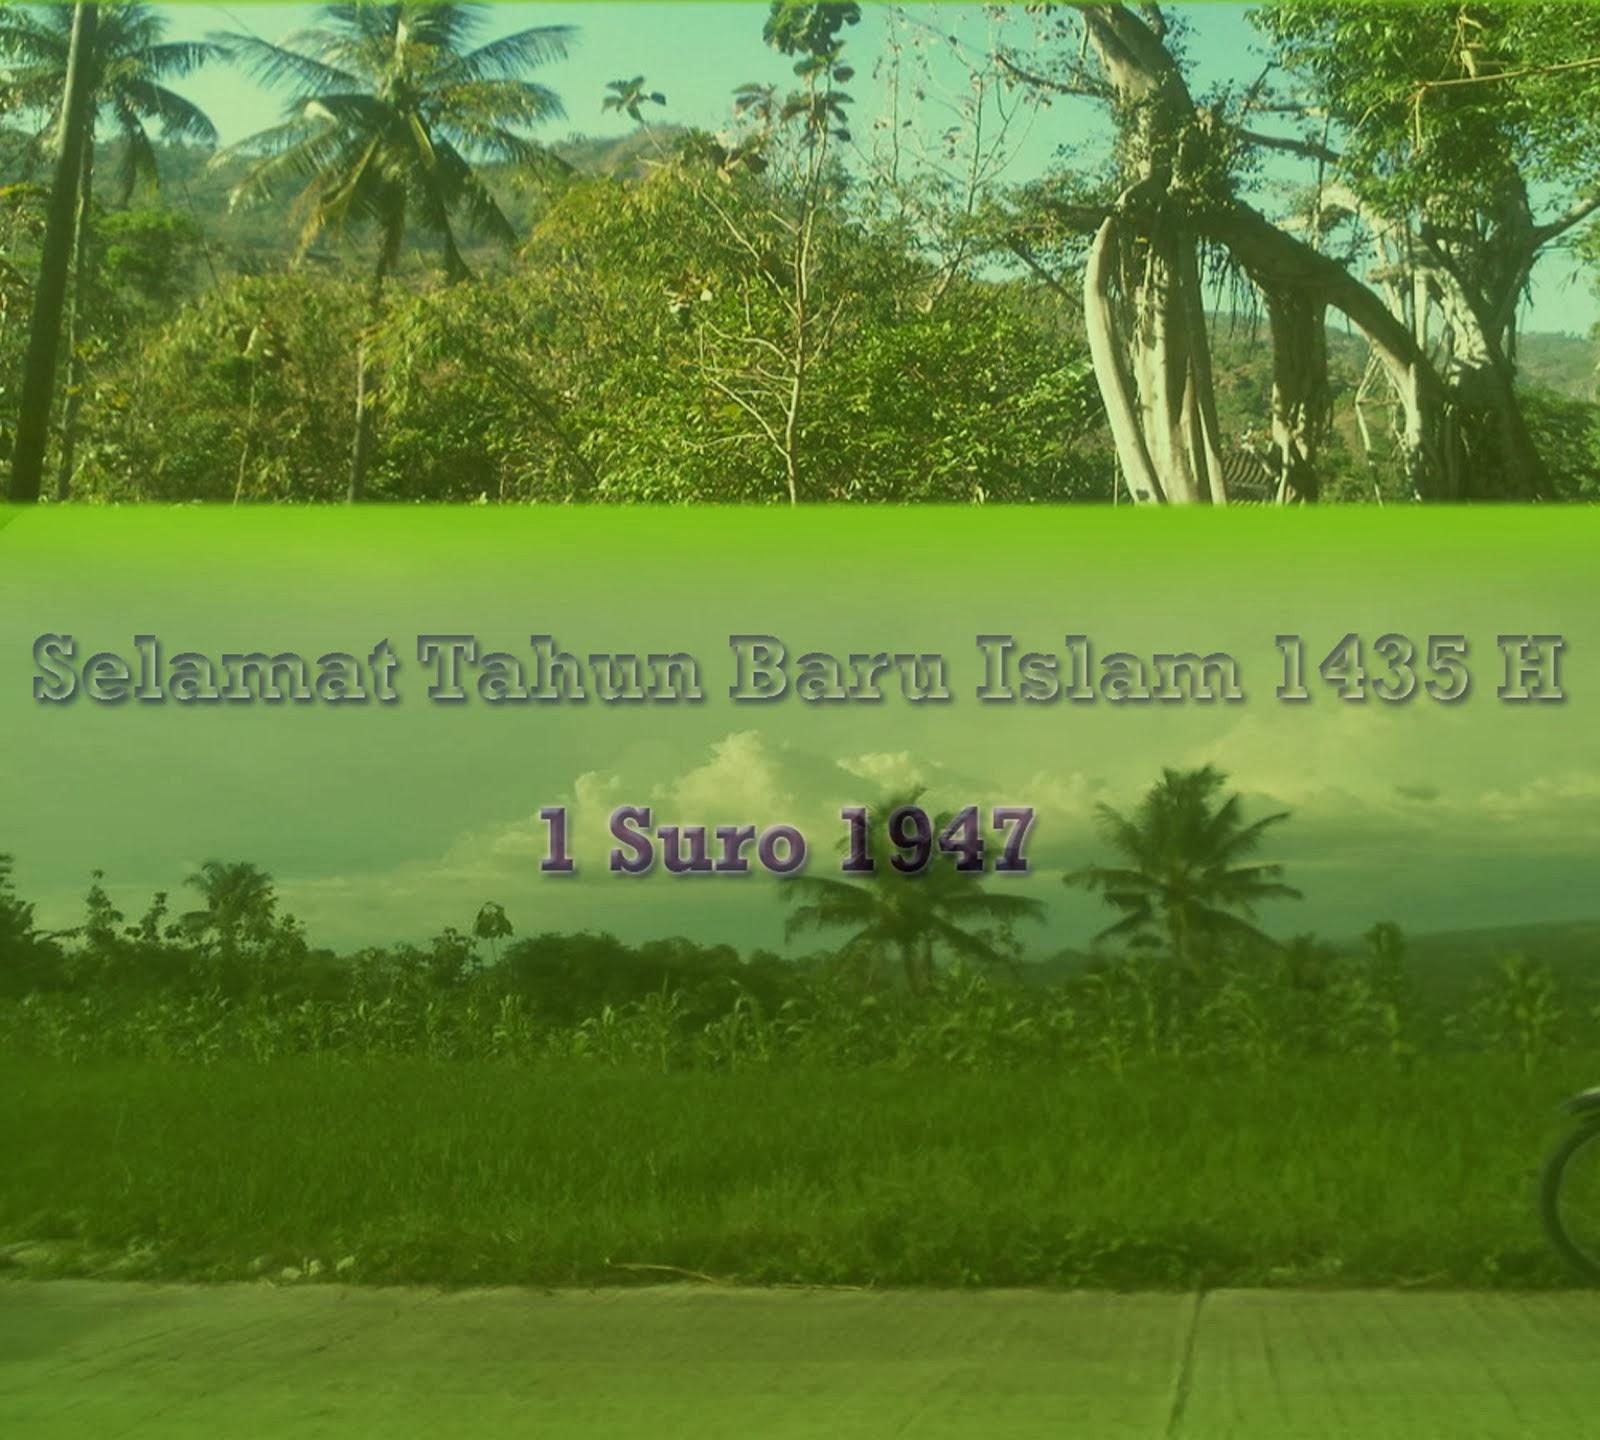 Pengertian Antara Desa, Kelurahan, Dusun Dan Pembangunan